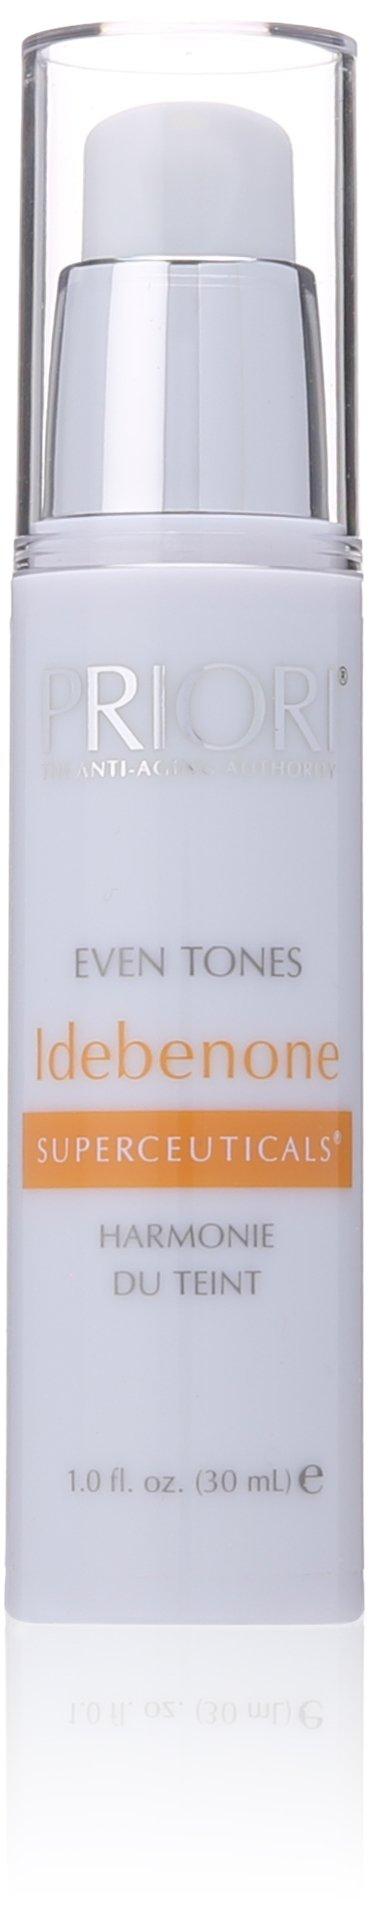 Priori Idebenone Complex Even Tones, 1 Fluid Ounce